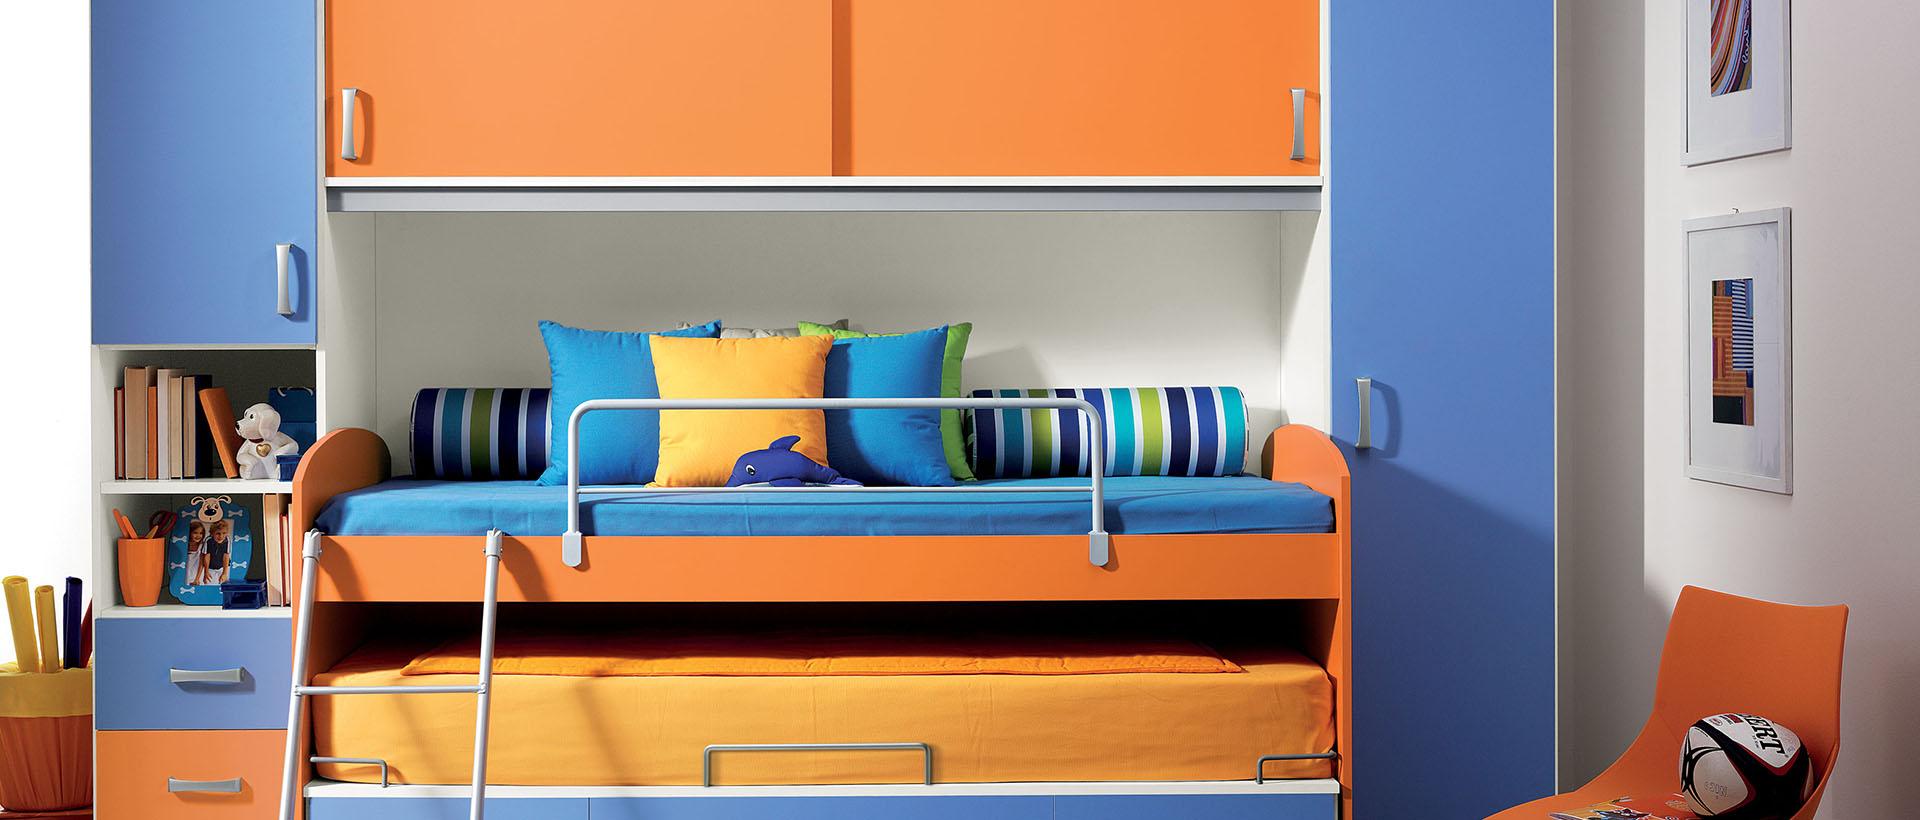 Rimini mobili arredamenti felice palma for Felice palma arredamenti